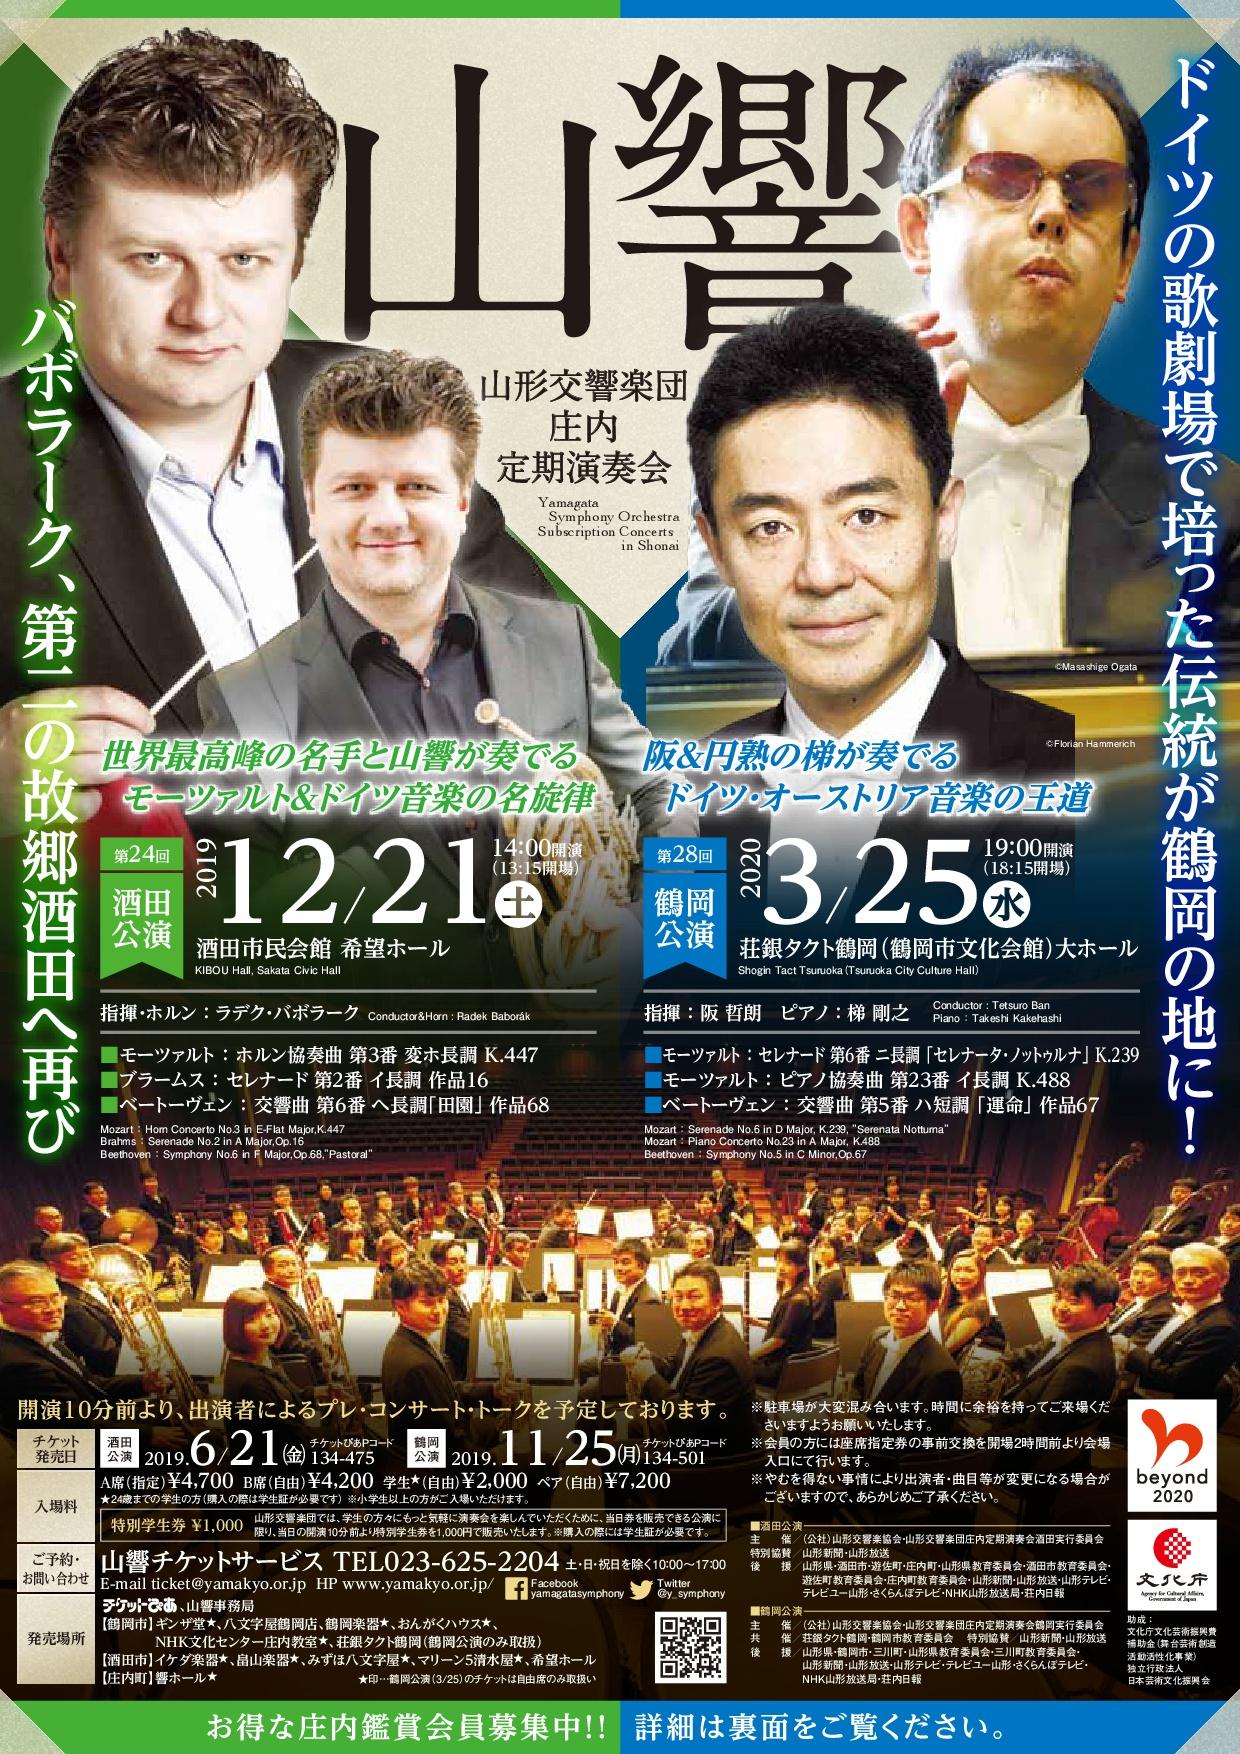 第24回山形交響楽団酒田公演